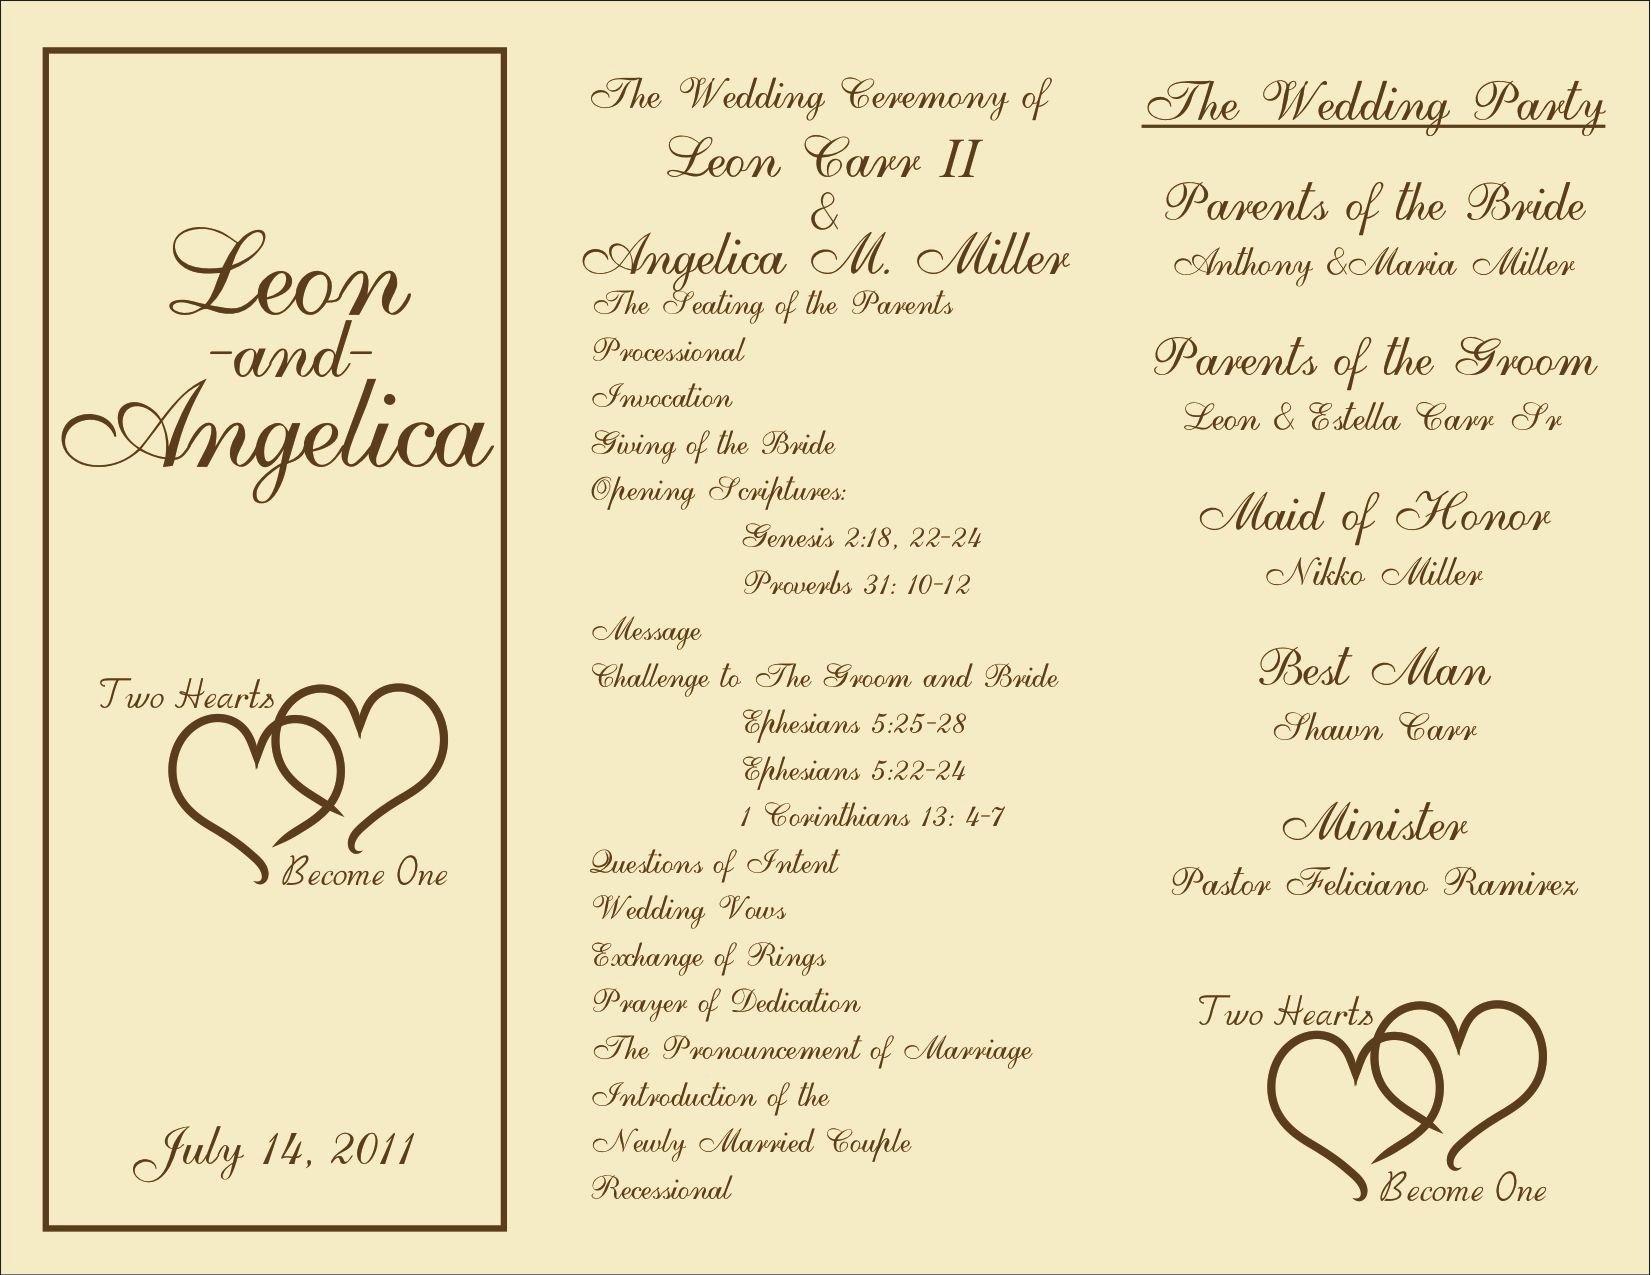 Bridal Shower Program Sample Best Of Printable Wedding Programs On Pinterest